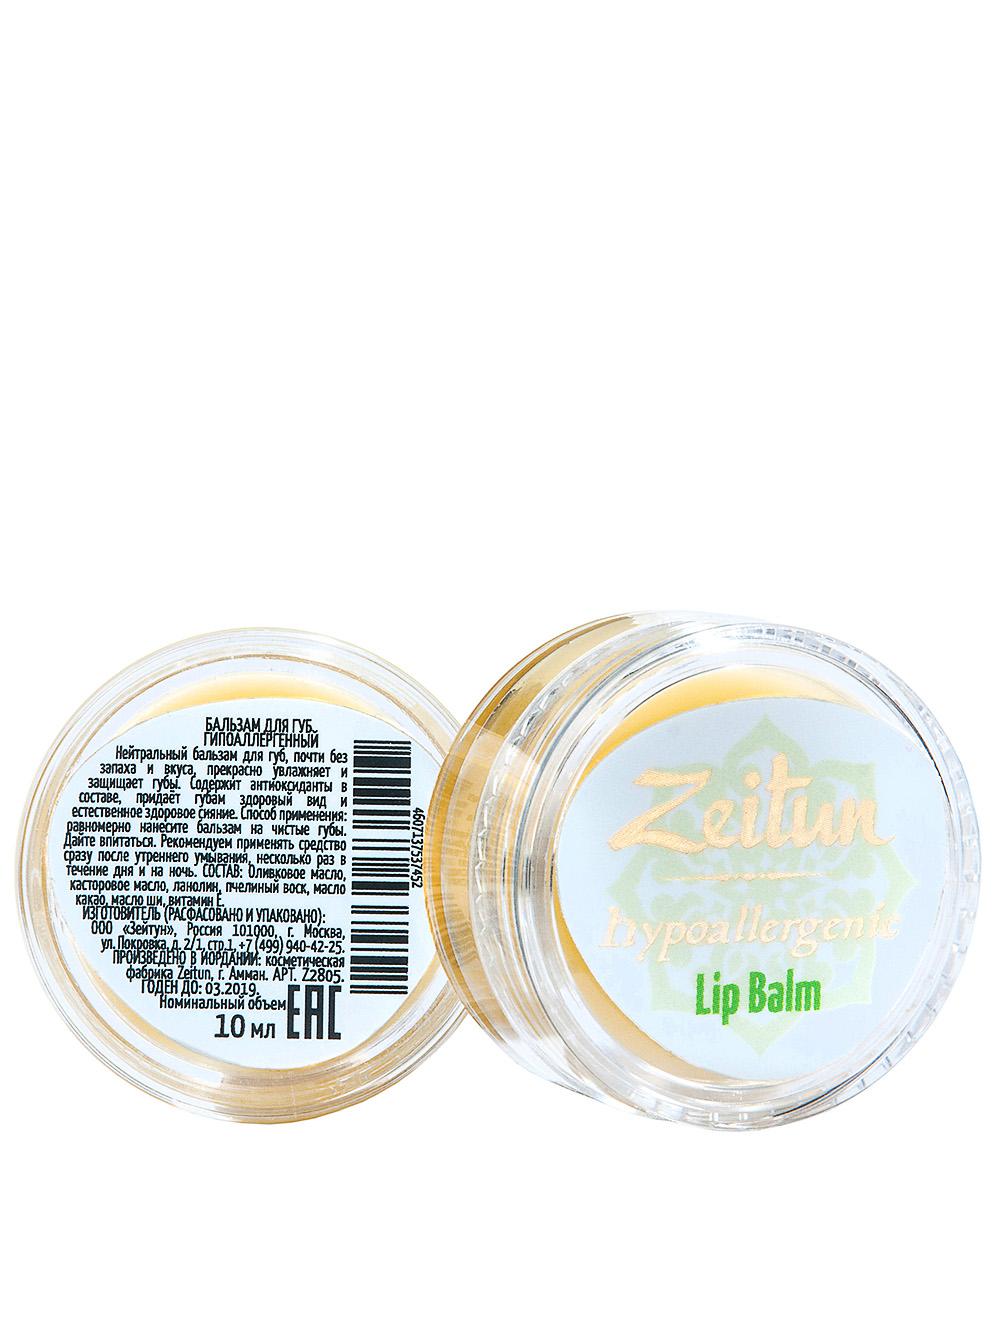 ZEITUN Гипоаллергенный бальзам для губ с маслами ши и какао 10 мл